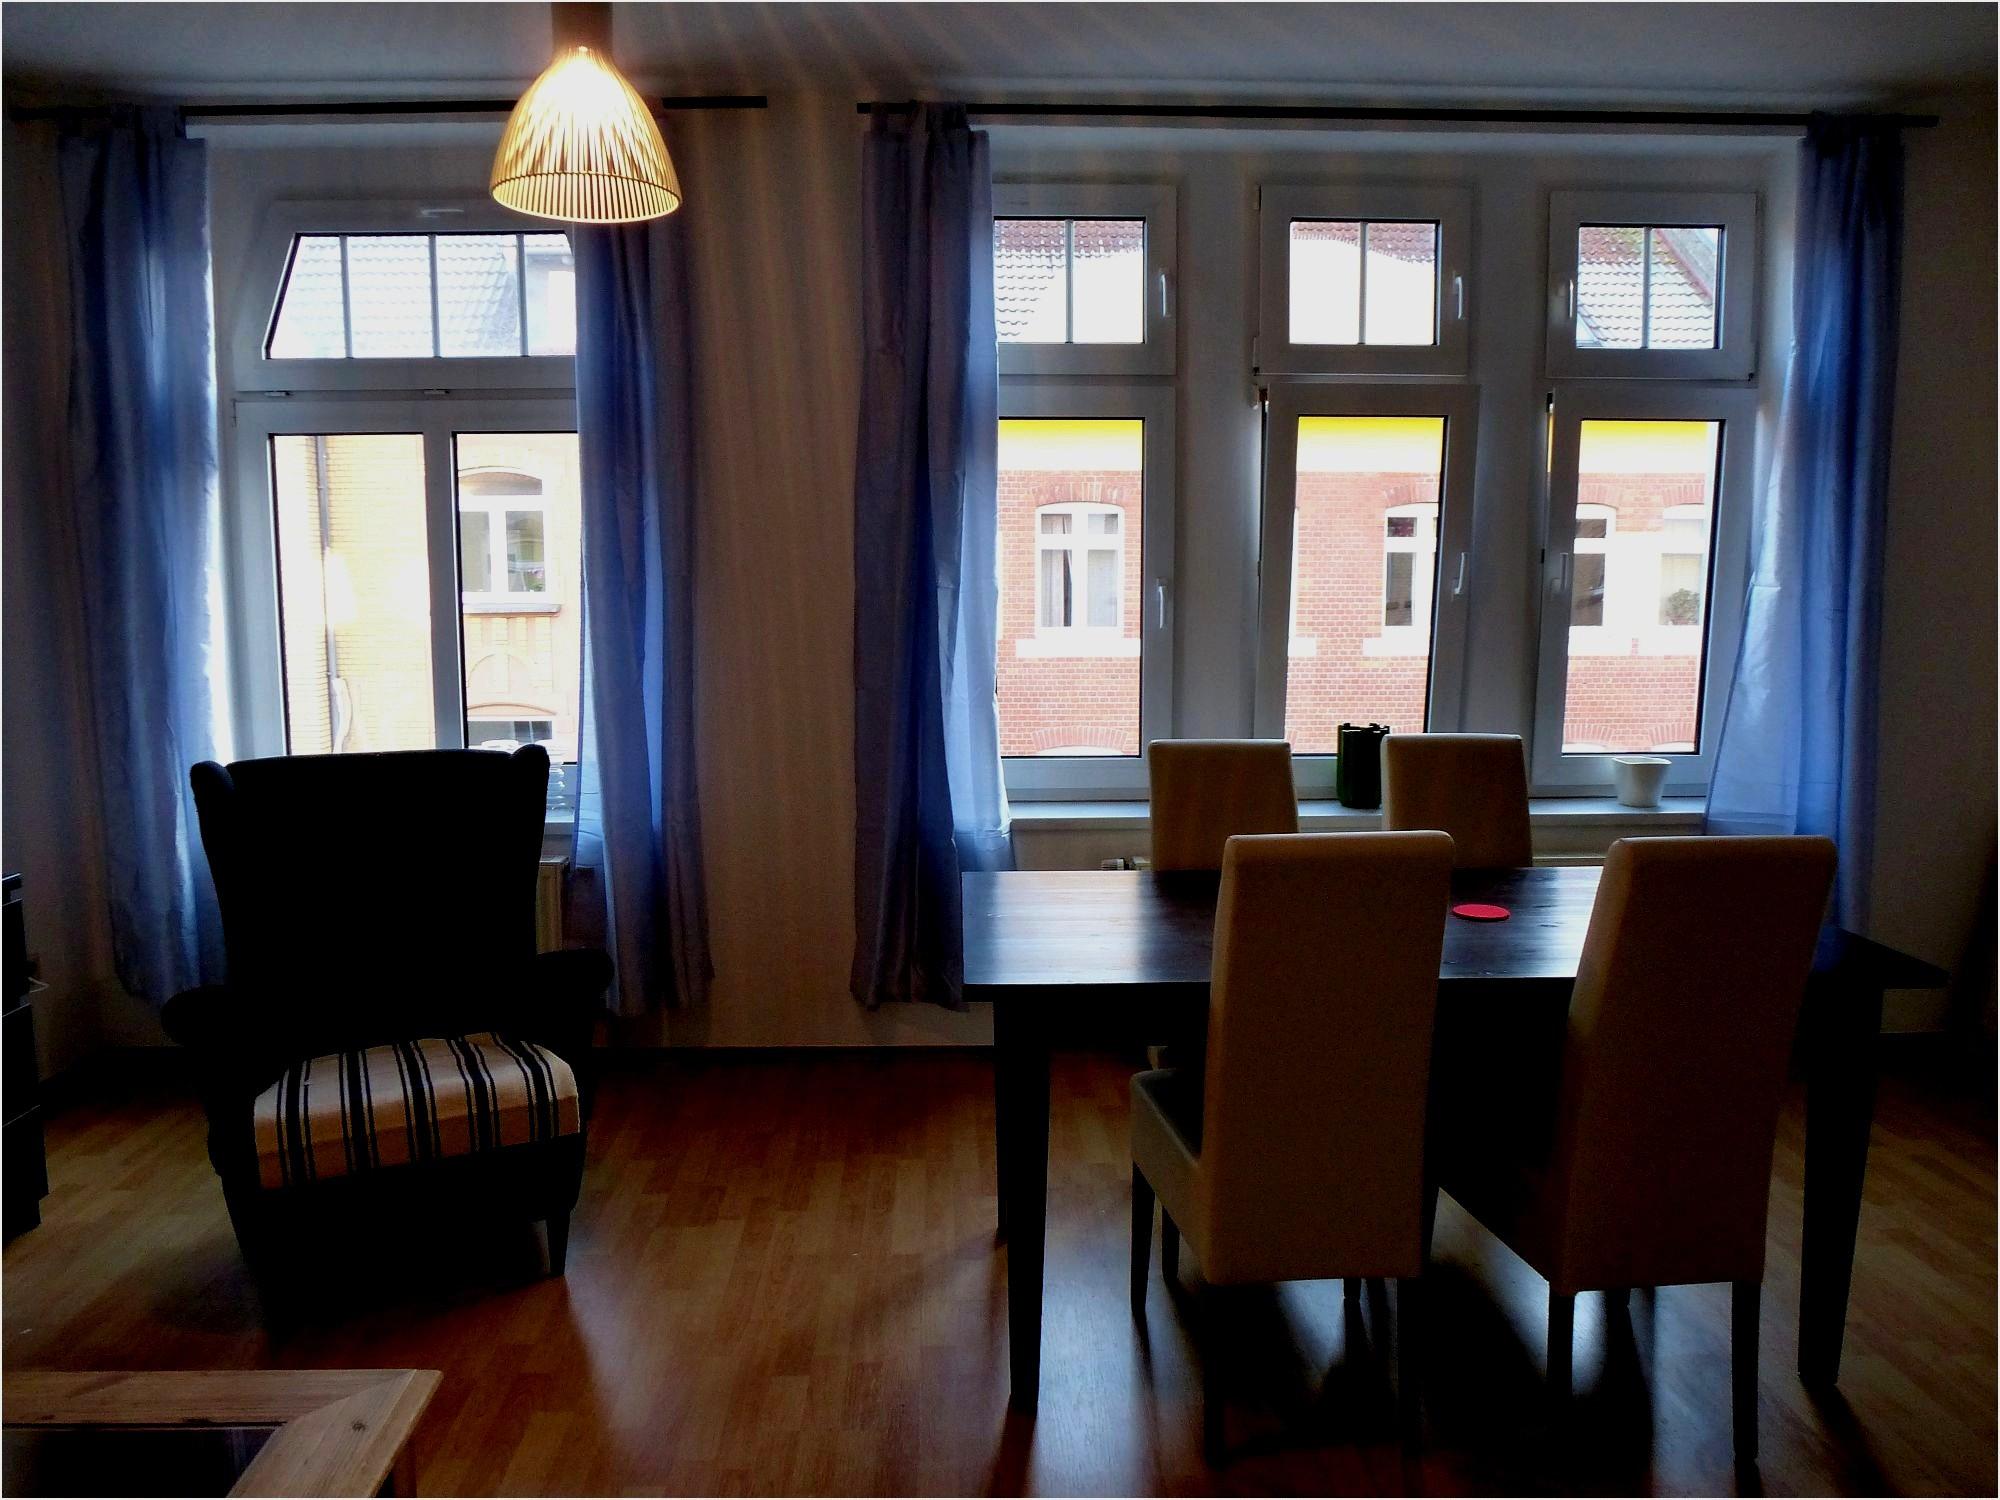 Provisionsfreie Wohnungen Berlin  Schönheit Provisionsfreie Wohnungen In Berlin Architektur